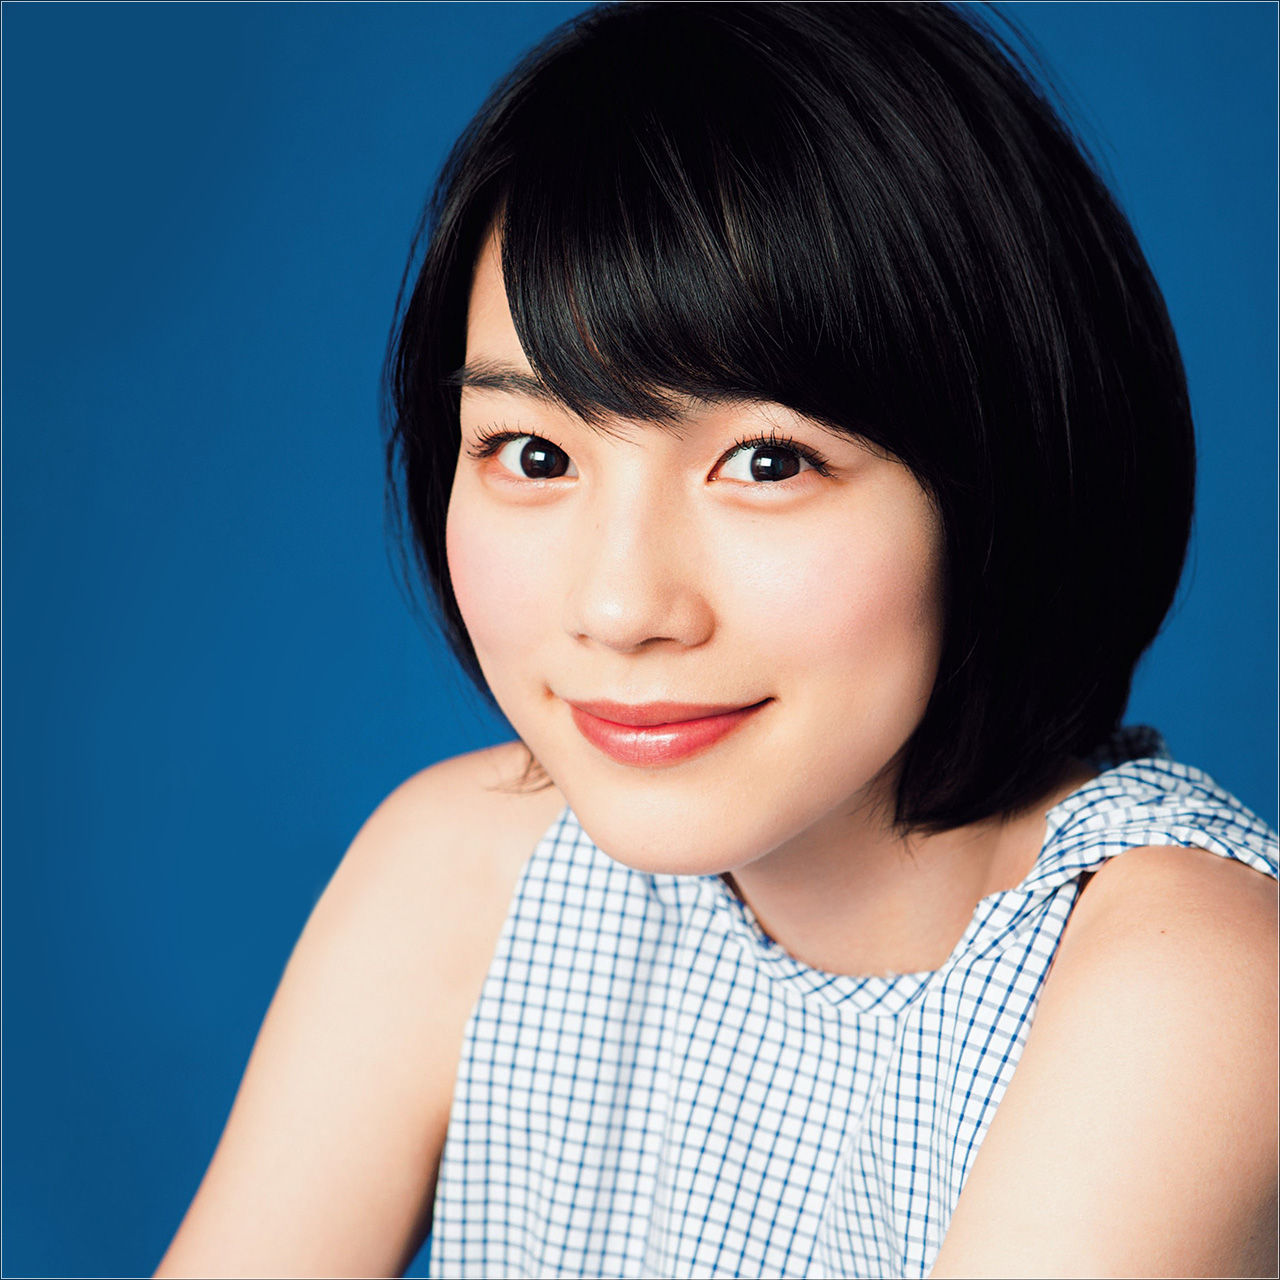 【画像10枚】最新の能年玲奈(のん)さん、かわいい!